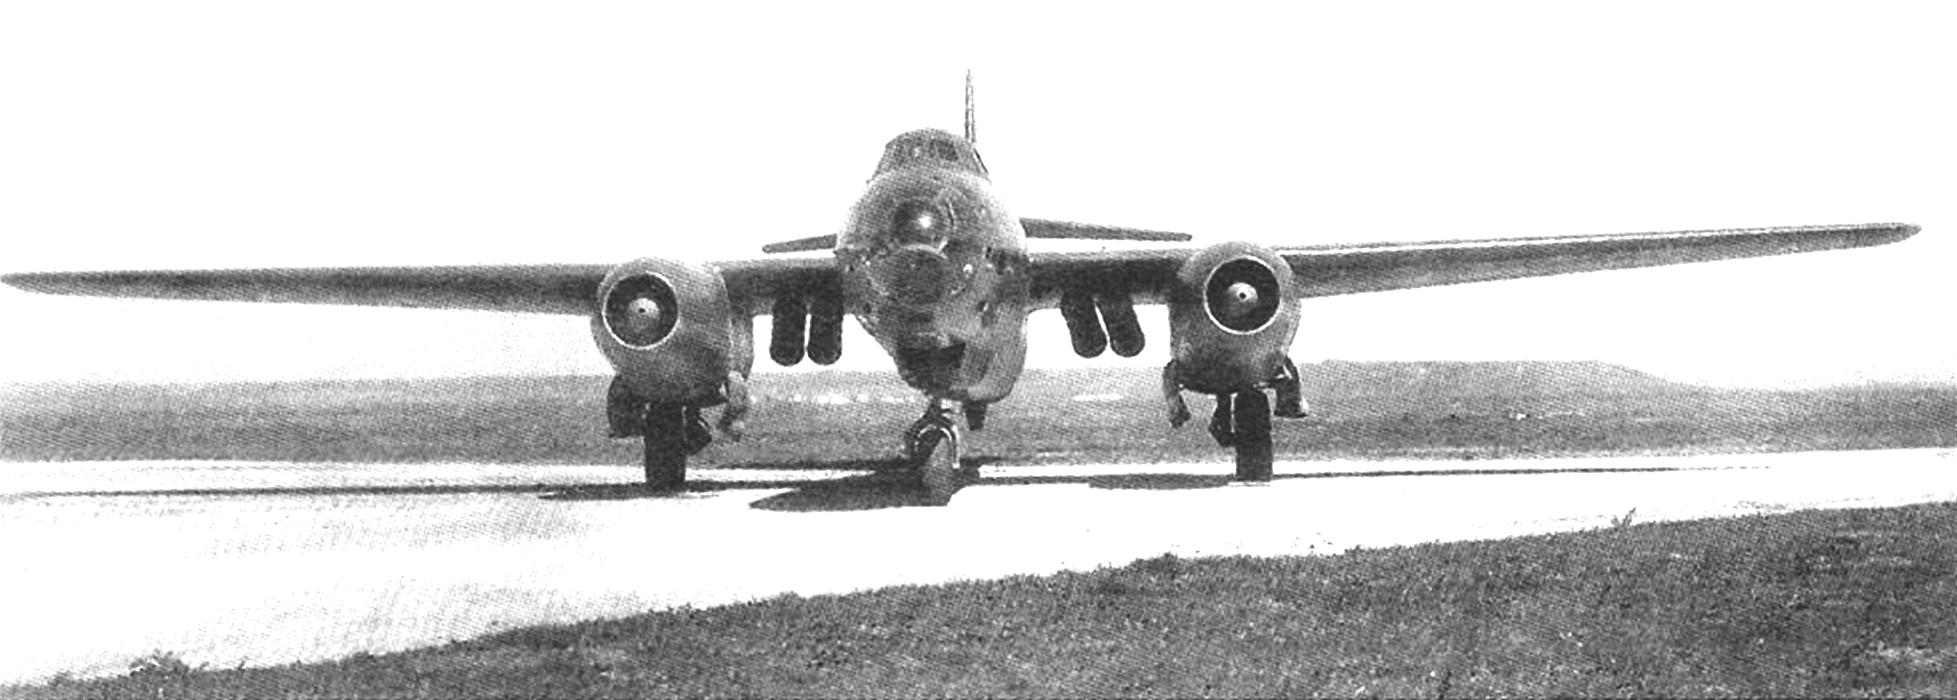 Ту-14 со стартовыми ускорителями под центропланом